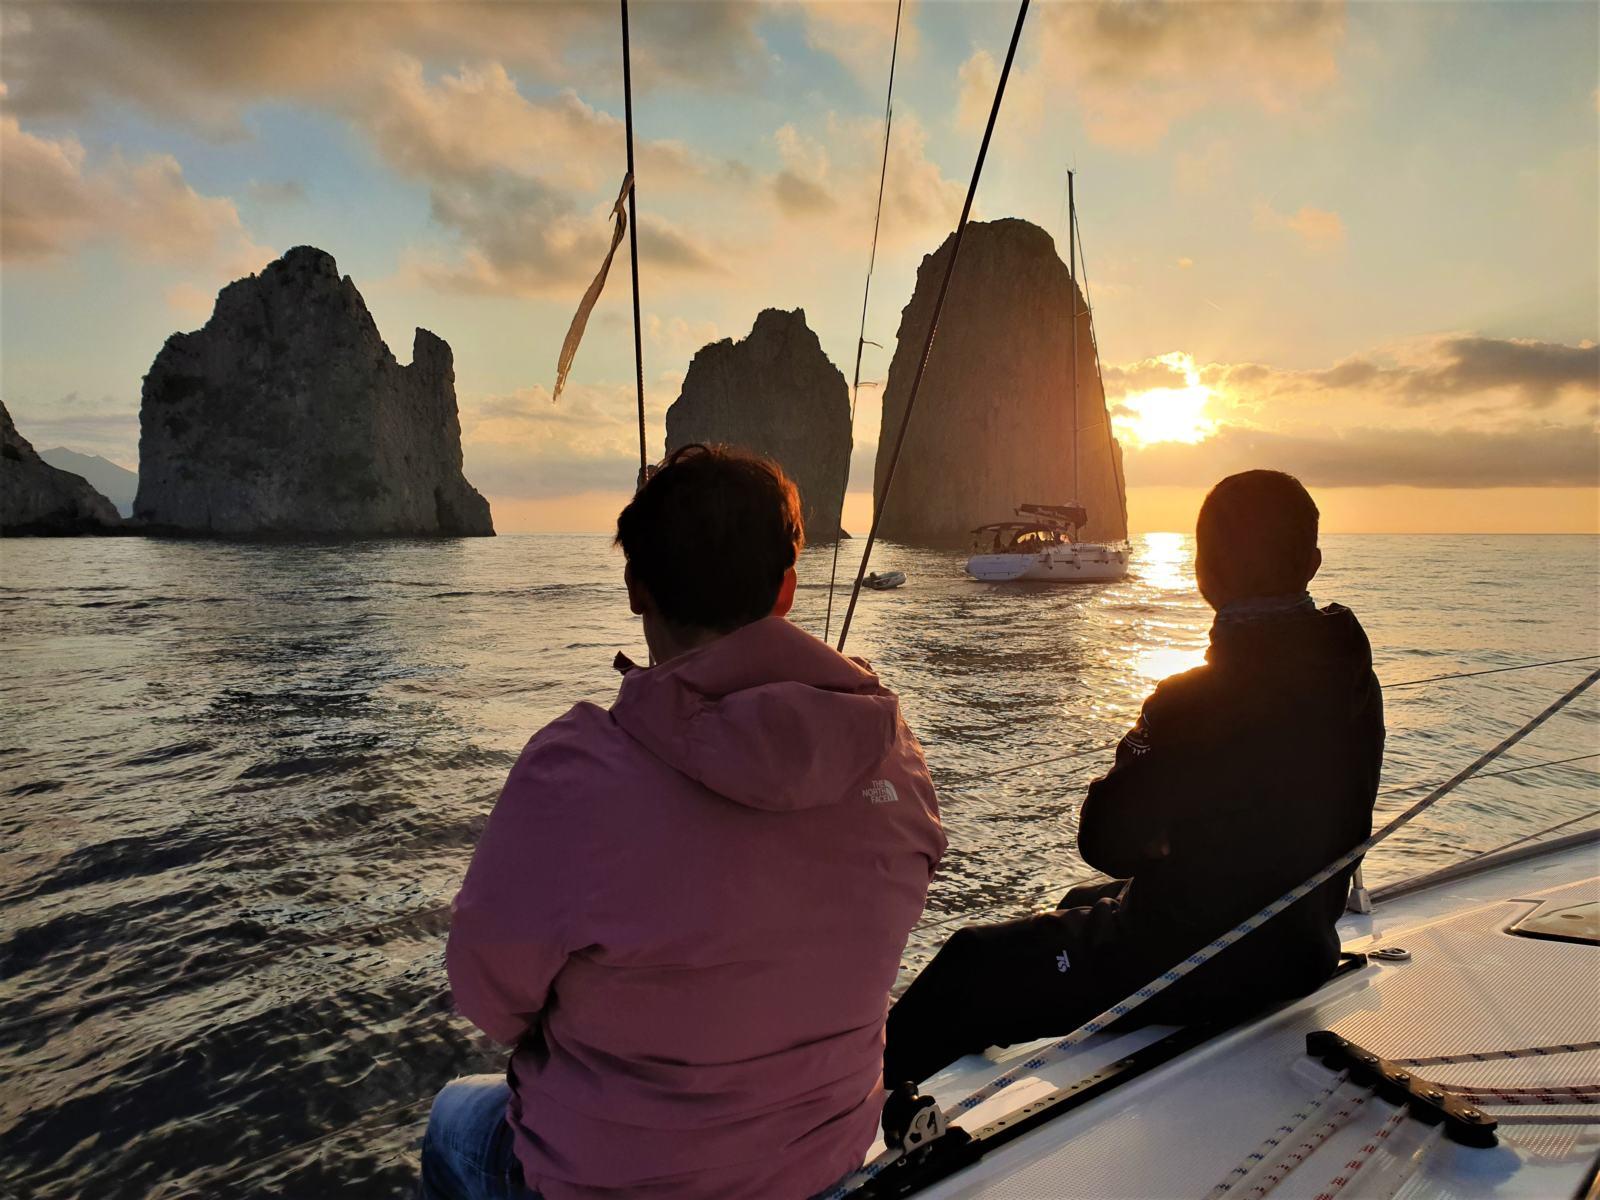 L'equipaggio ammira il sorgere del Sole